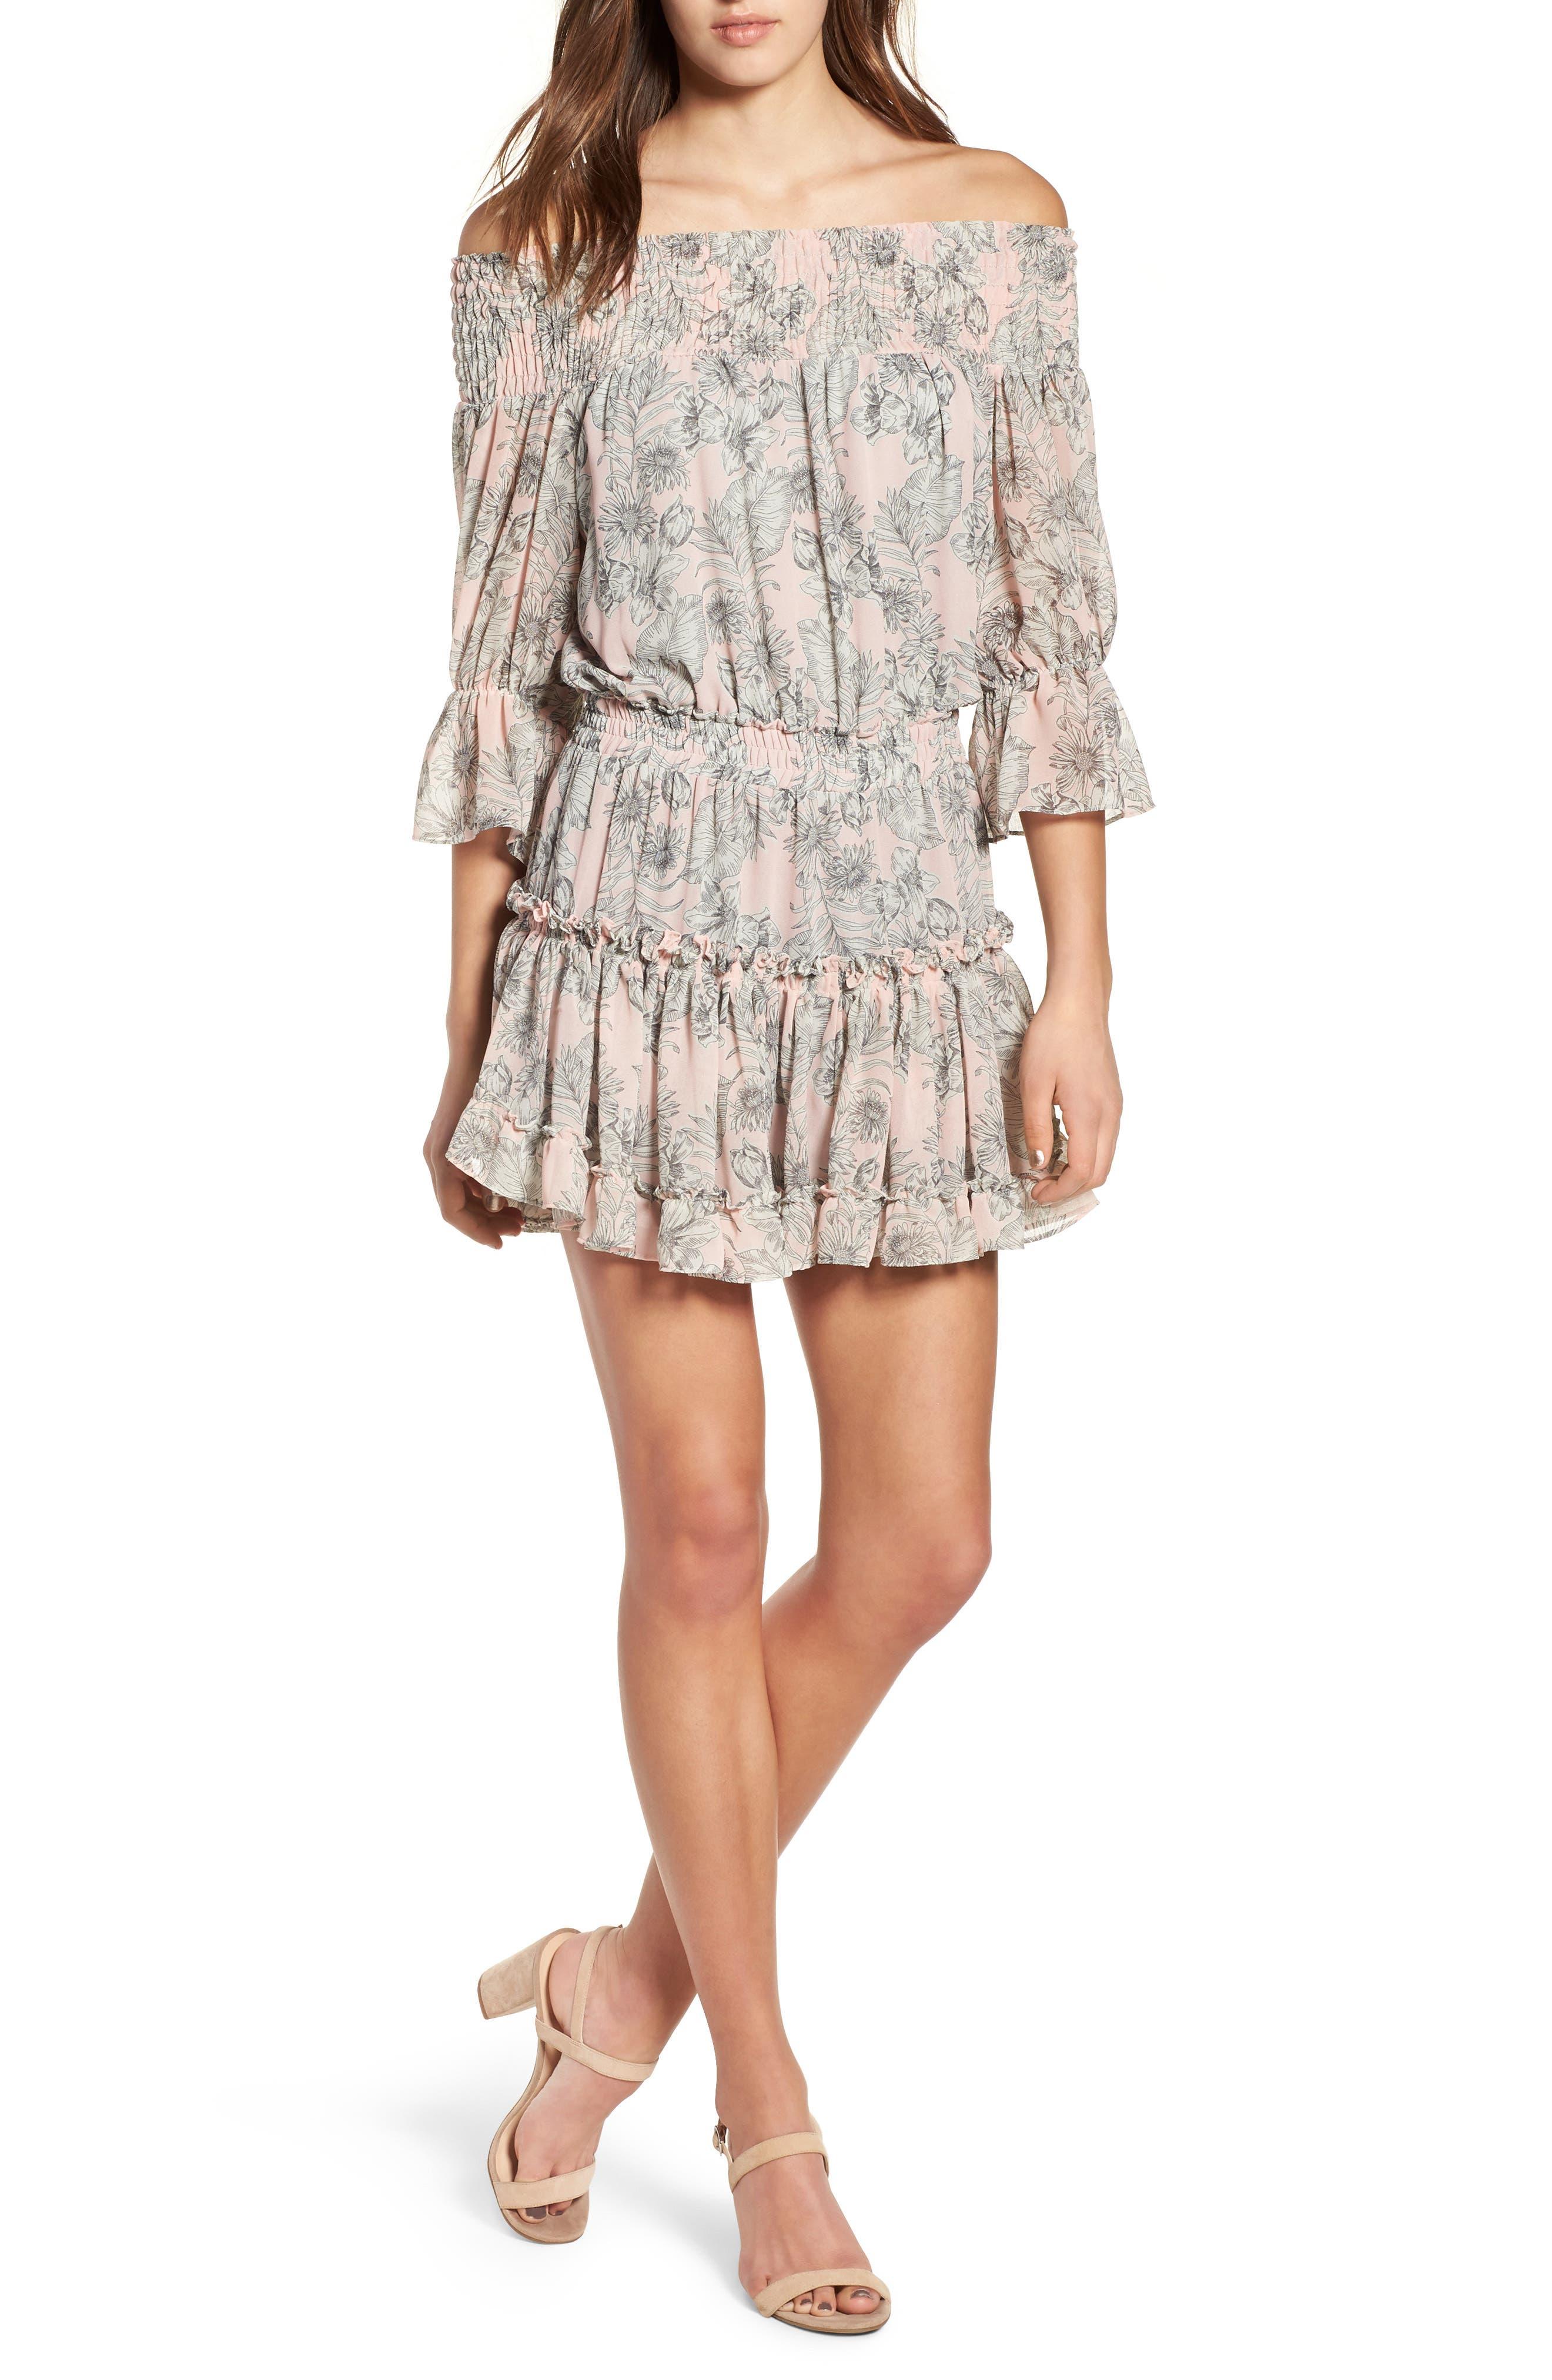 MISA LOS ANGELES Geroux Off the Shoulder Blouson Dress, Main, color, 650